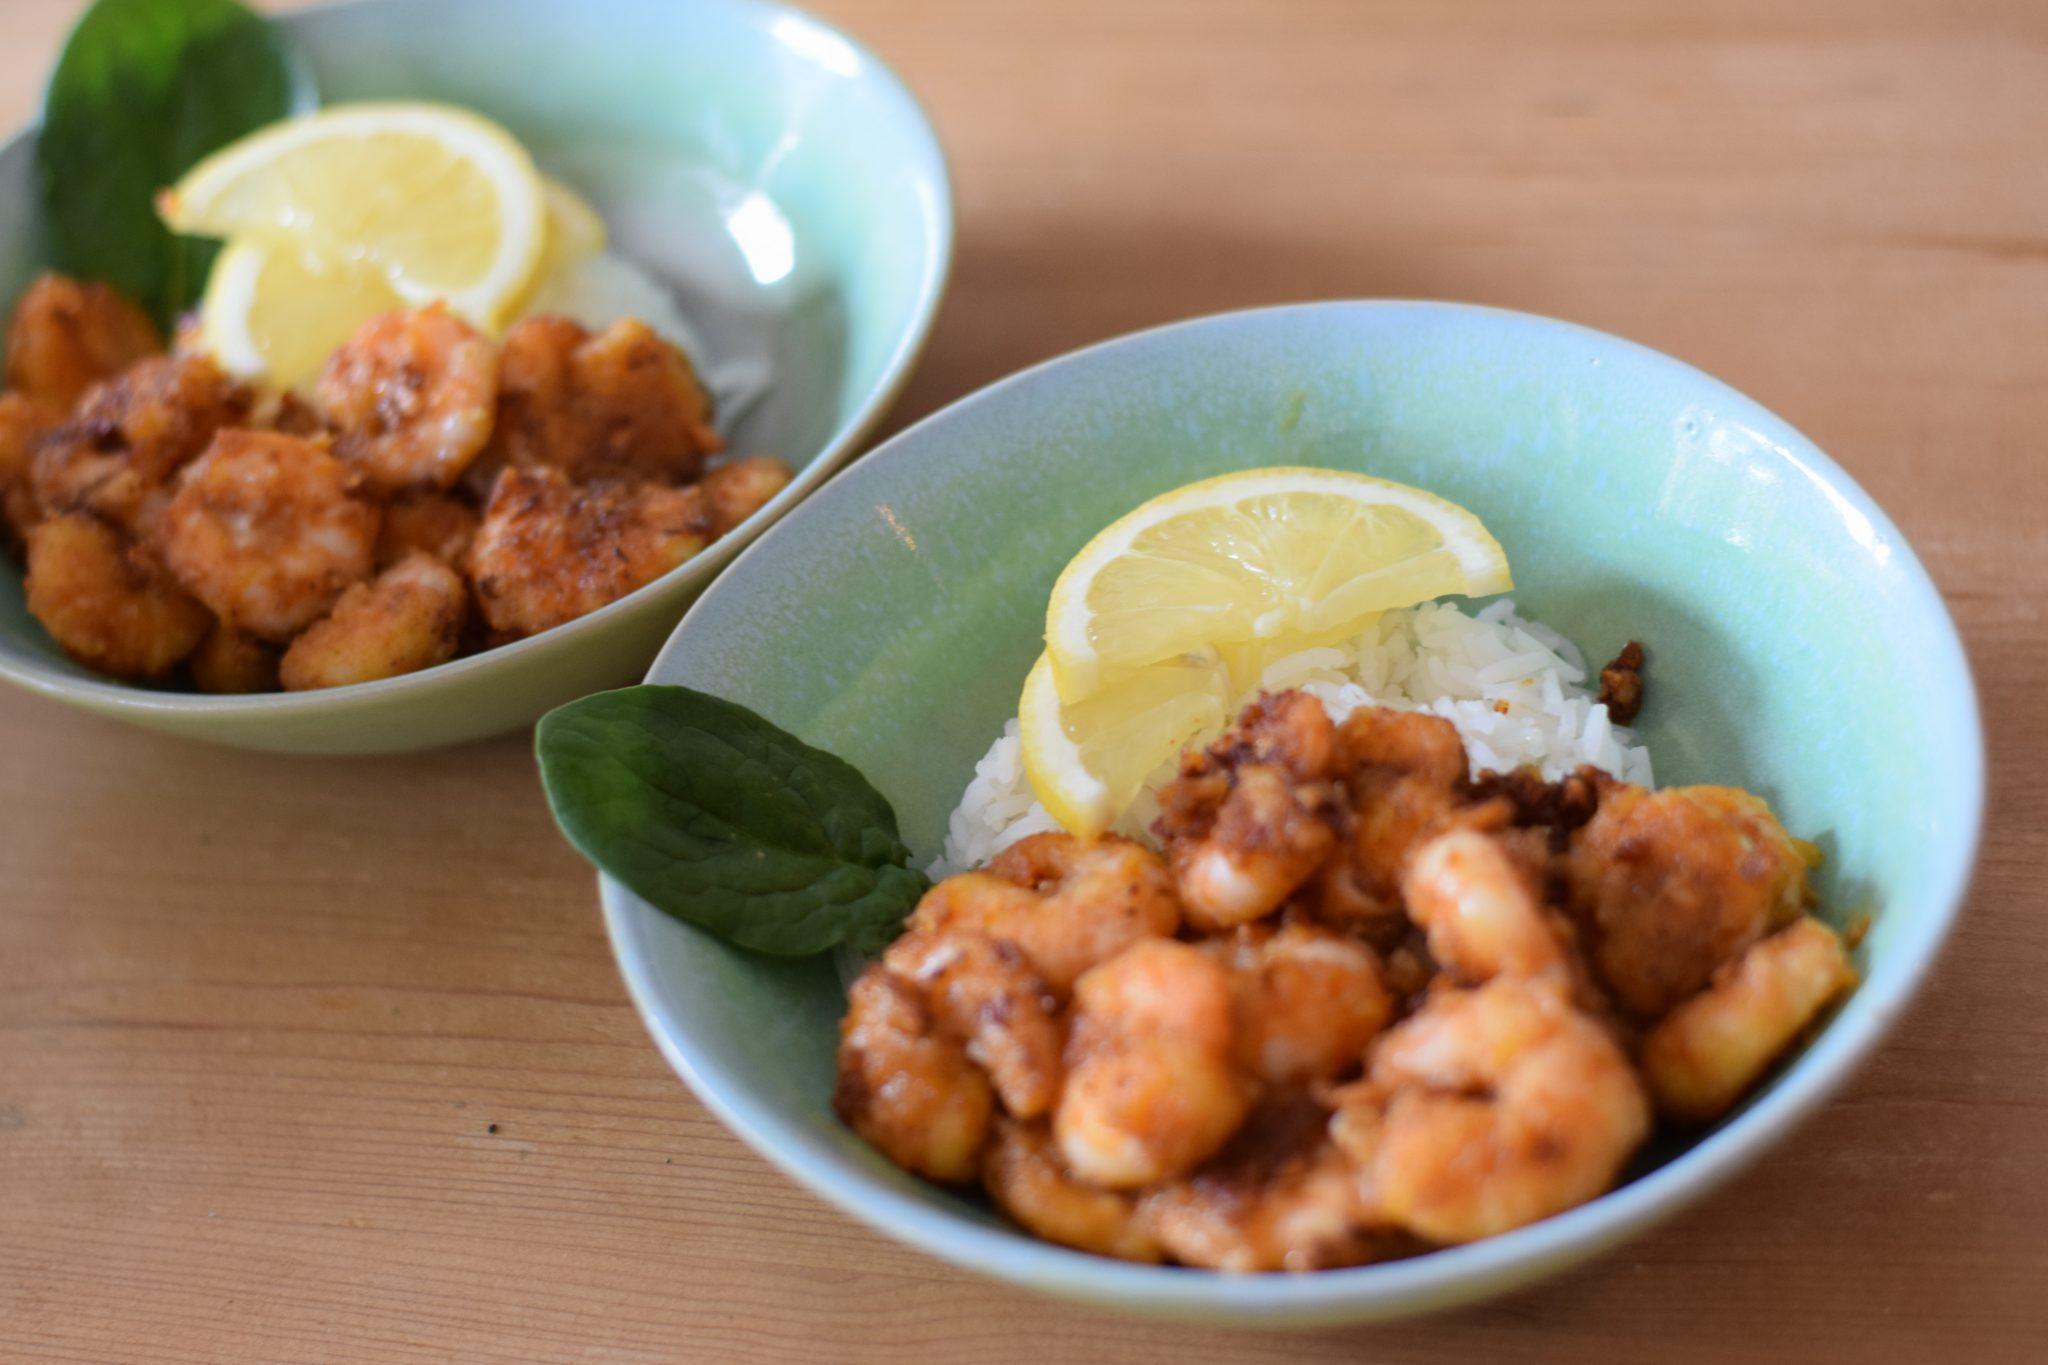 Recept voor Hawaiiaanse knoflook garnalen